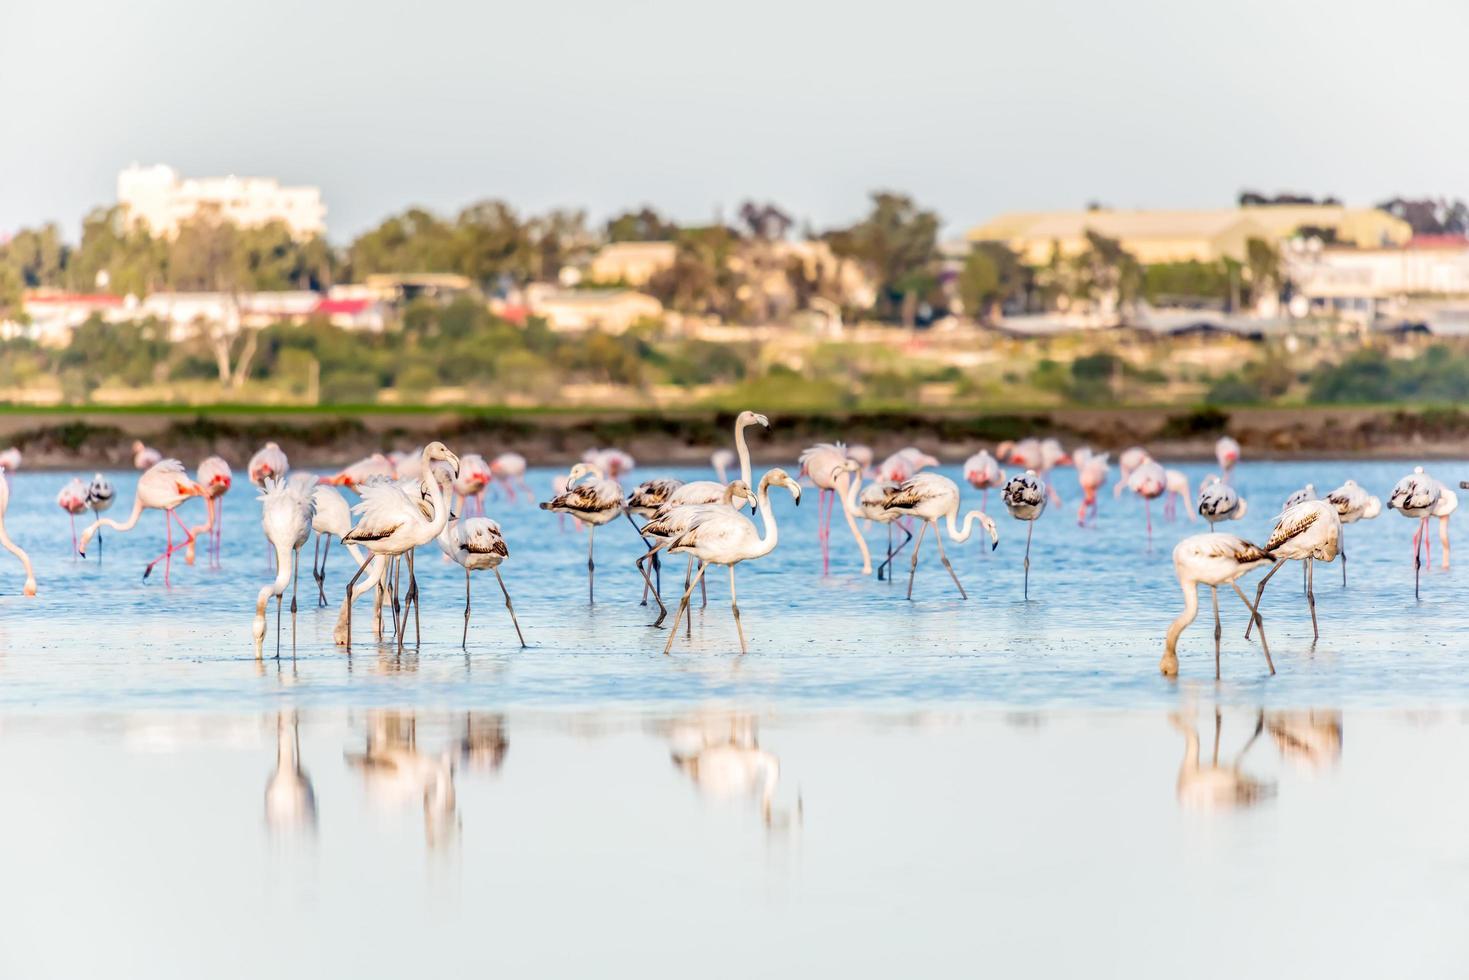 Flamingos am Salzsee von Larnaca, Zypern foto